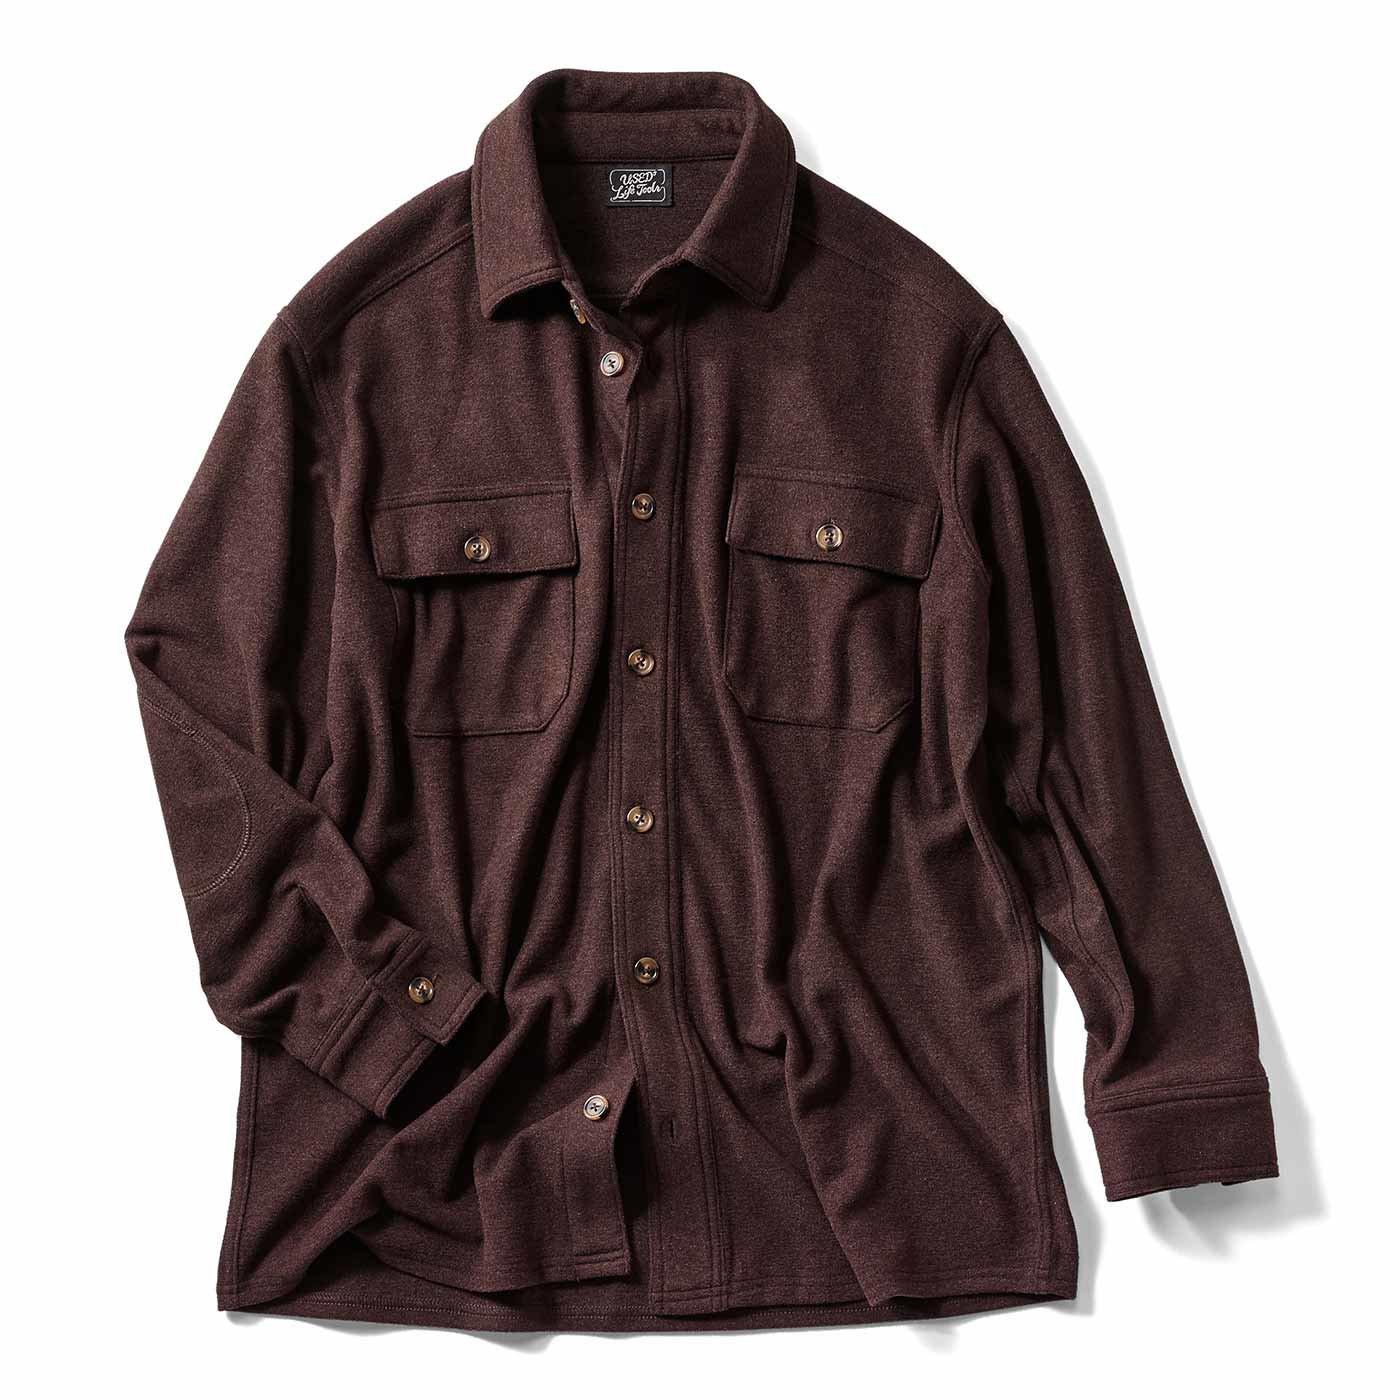 ウールシャツのような風合いの のびのびあったか起毛CPOシャツジャケット〈レトロブラウン〉